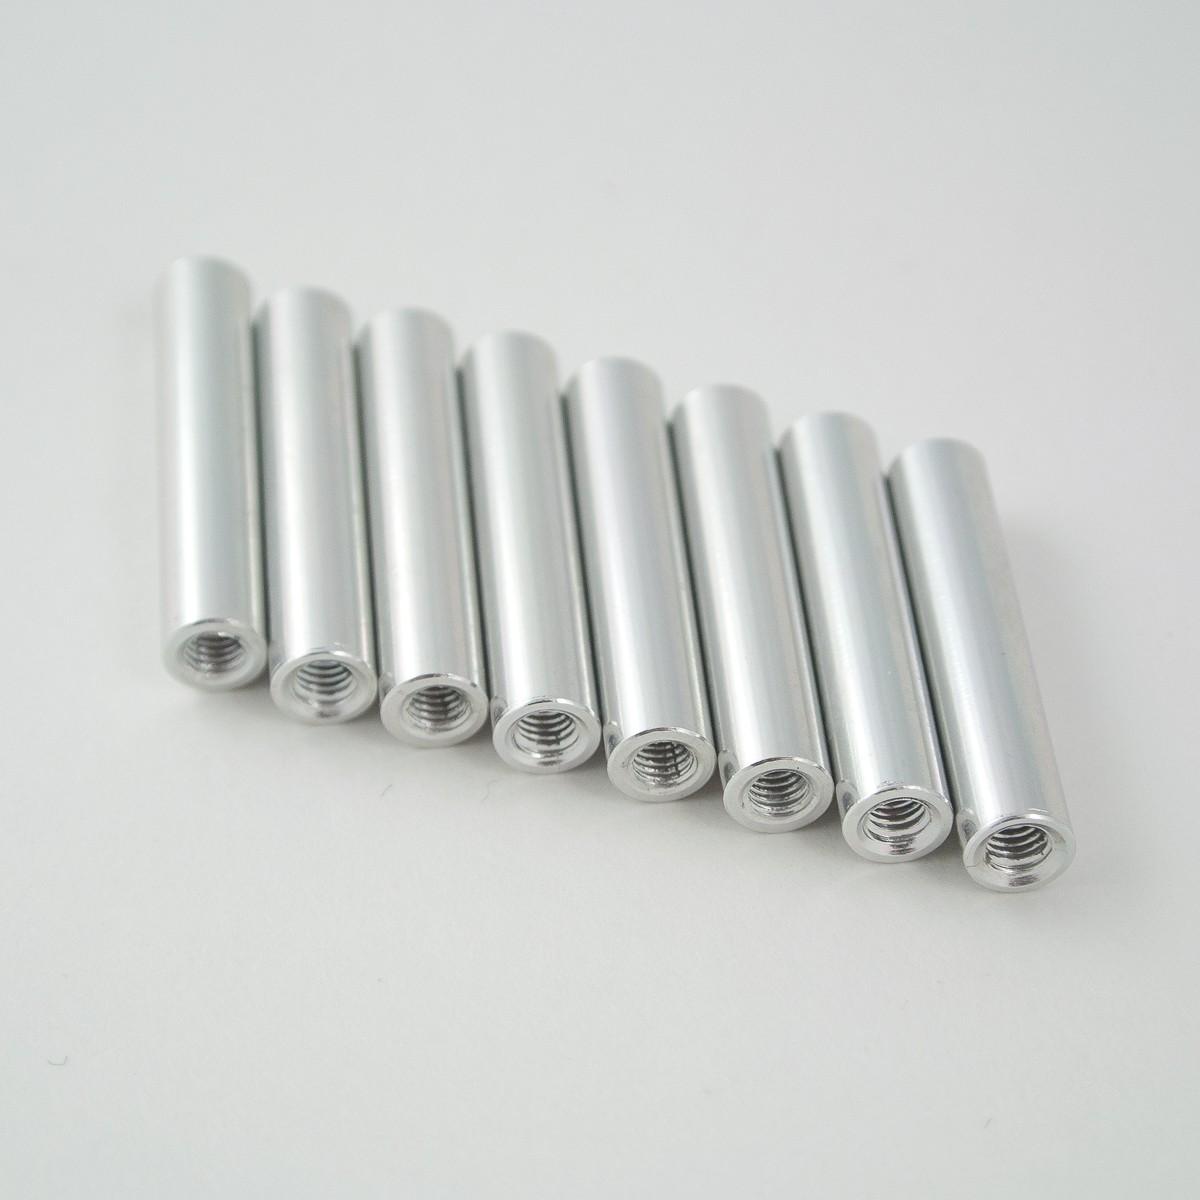 25mm round aluminium M3 standoff silver 8pcs